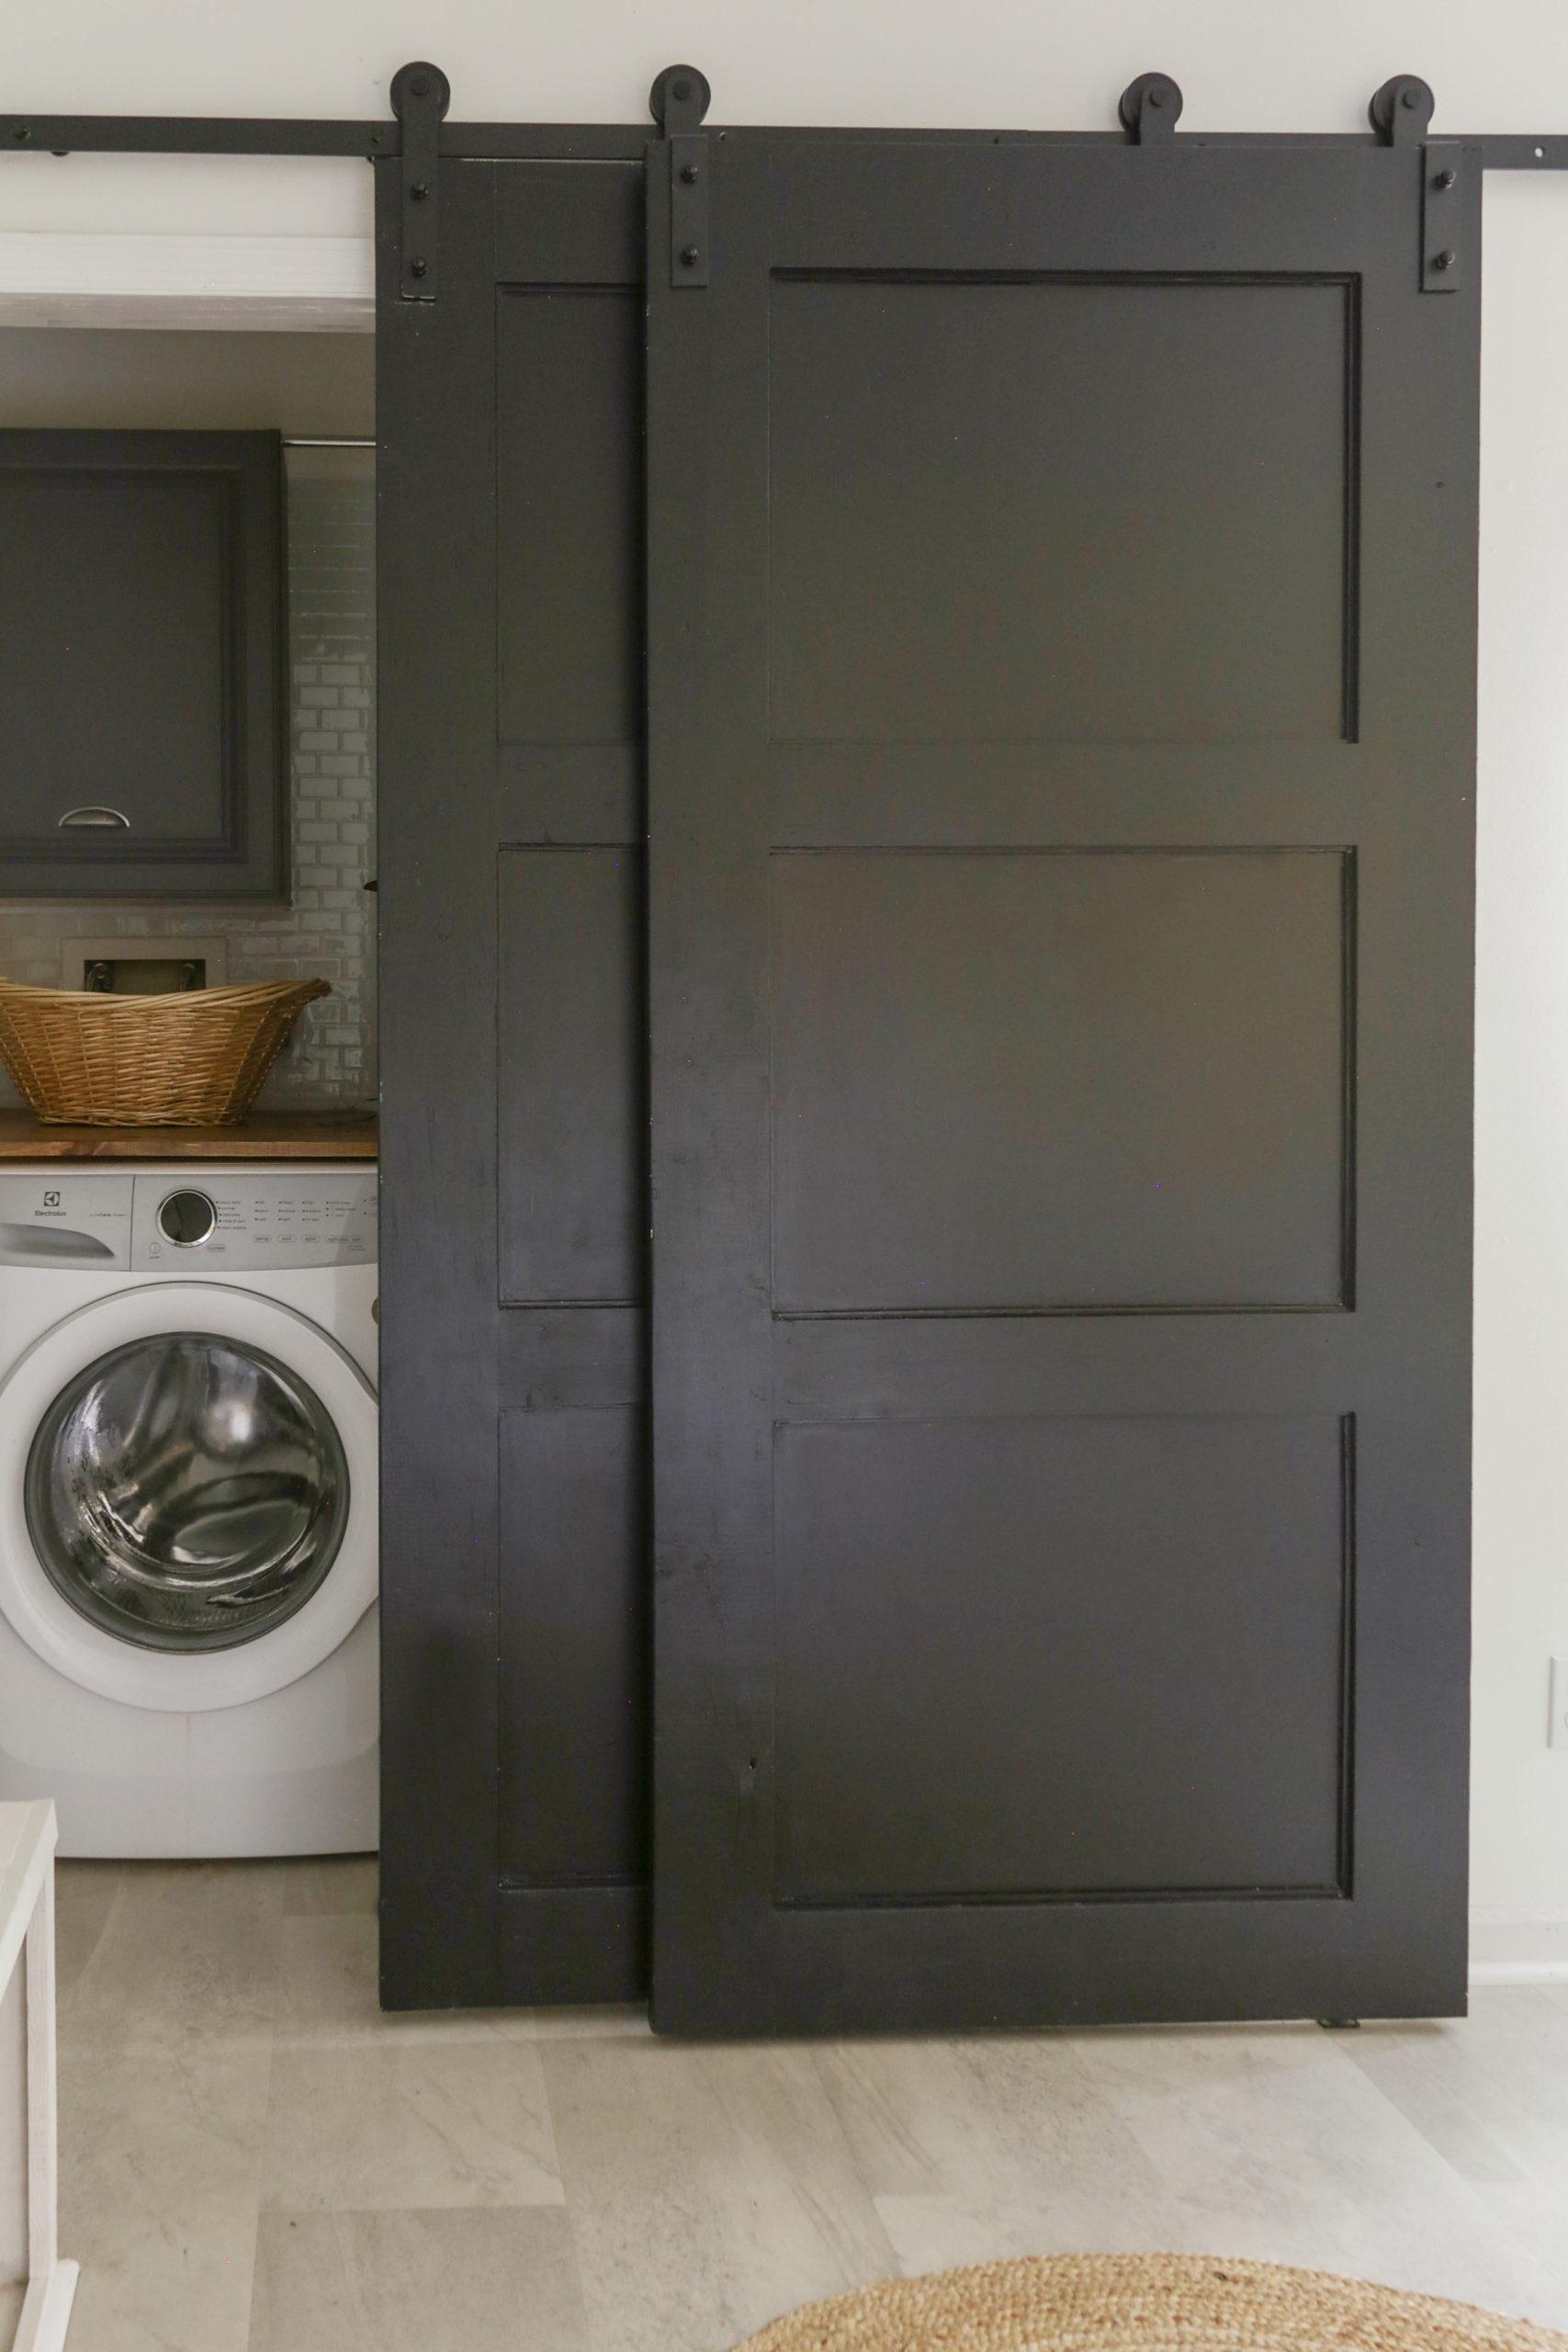 Image of: Diy Sliding Barn Door To Replace Bi Fold Closet Doors Cheap And Easy